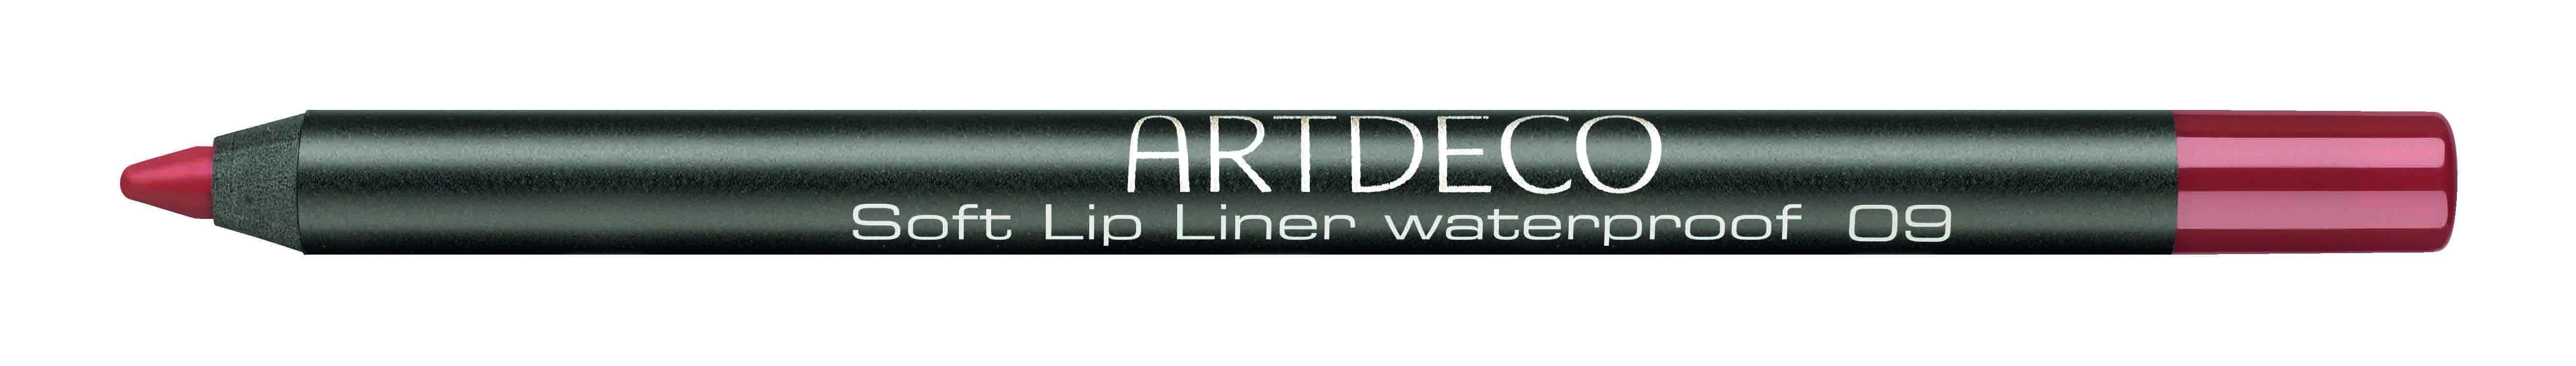 Artdeco карандаш для губ водостойкий 09 1,2г косметические карандаши artdeco карандаш для век водостойкий 23 1 2 г